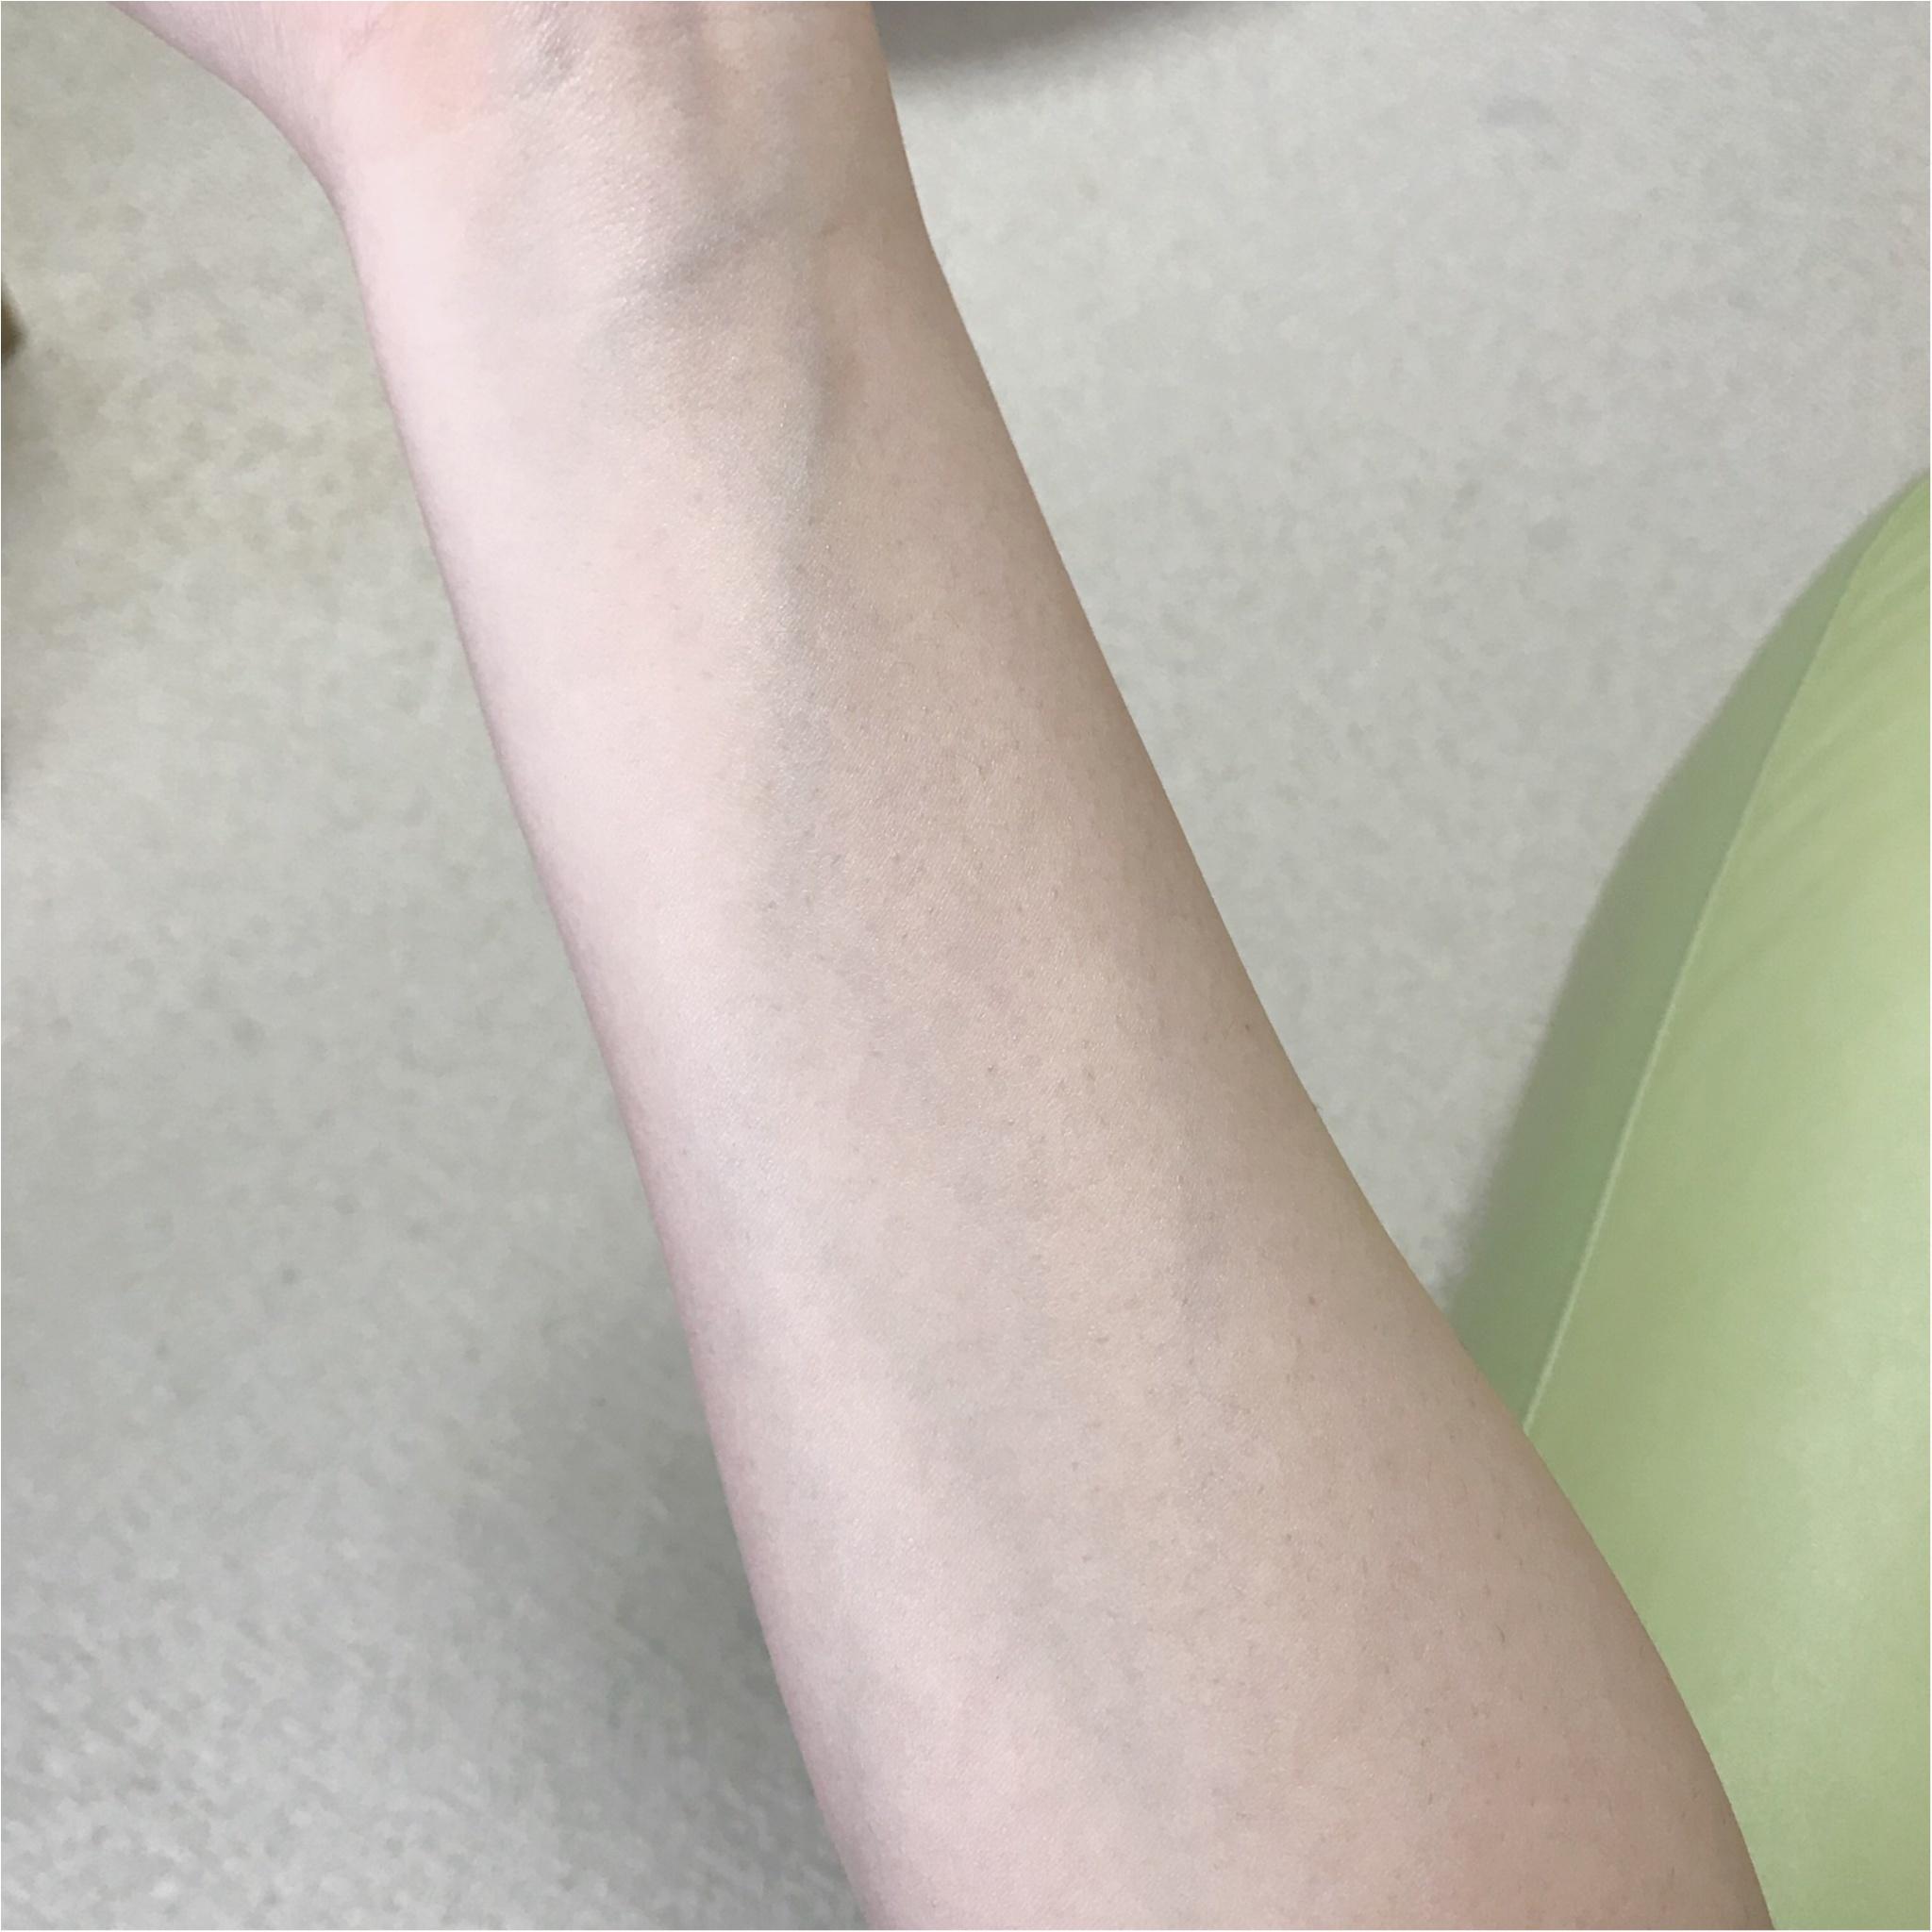 ビタミンC誘導体入りスキンケア特集 - 美白ケアやシミ、毛穴、ニキビなどの肌悩みへのおすすめは?_14